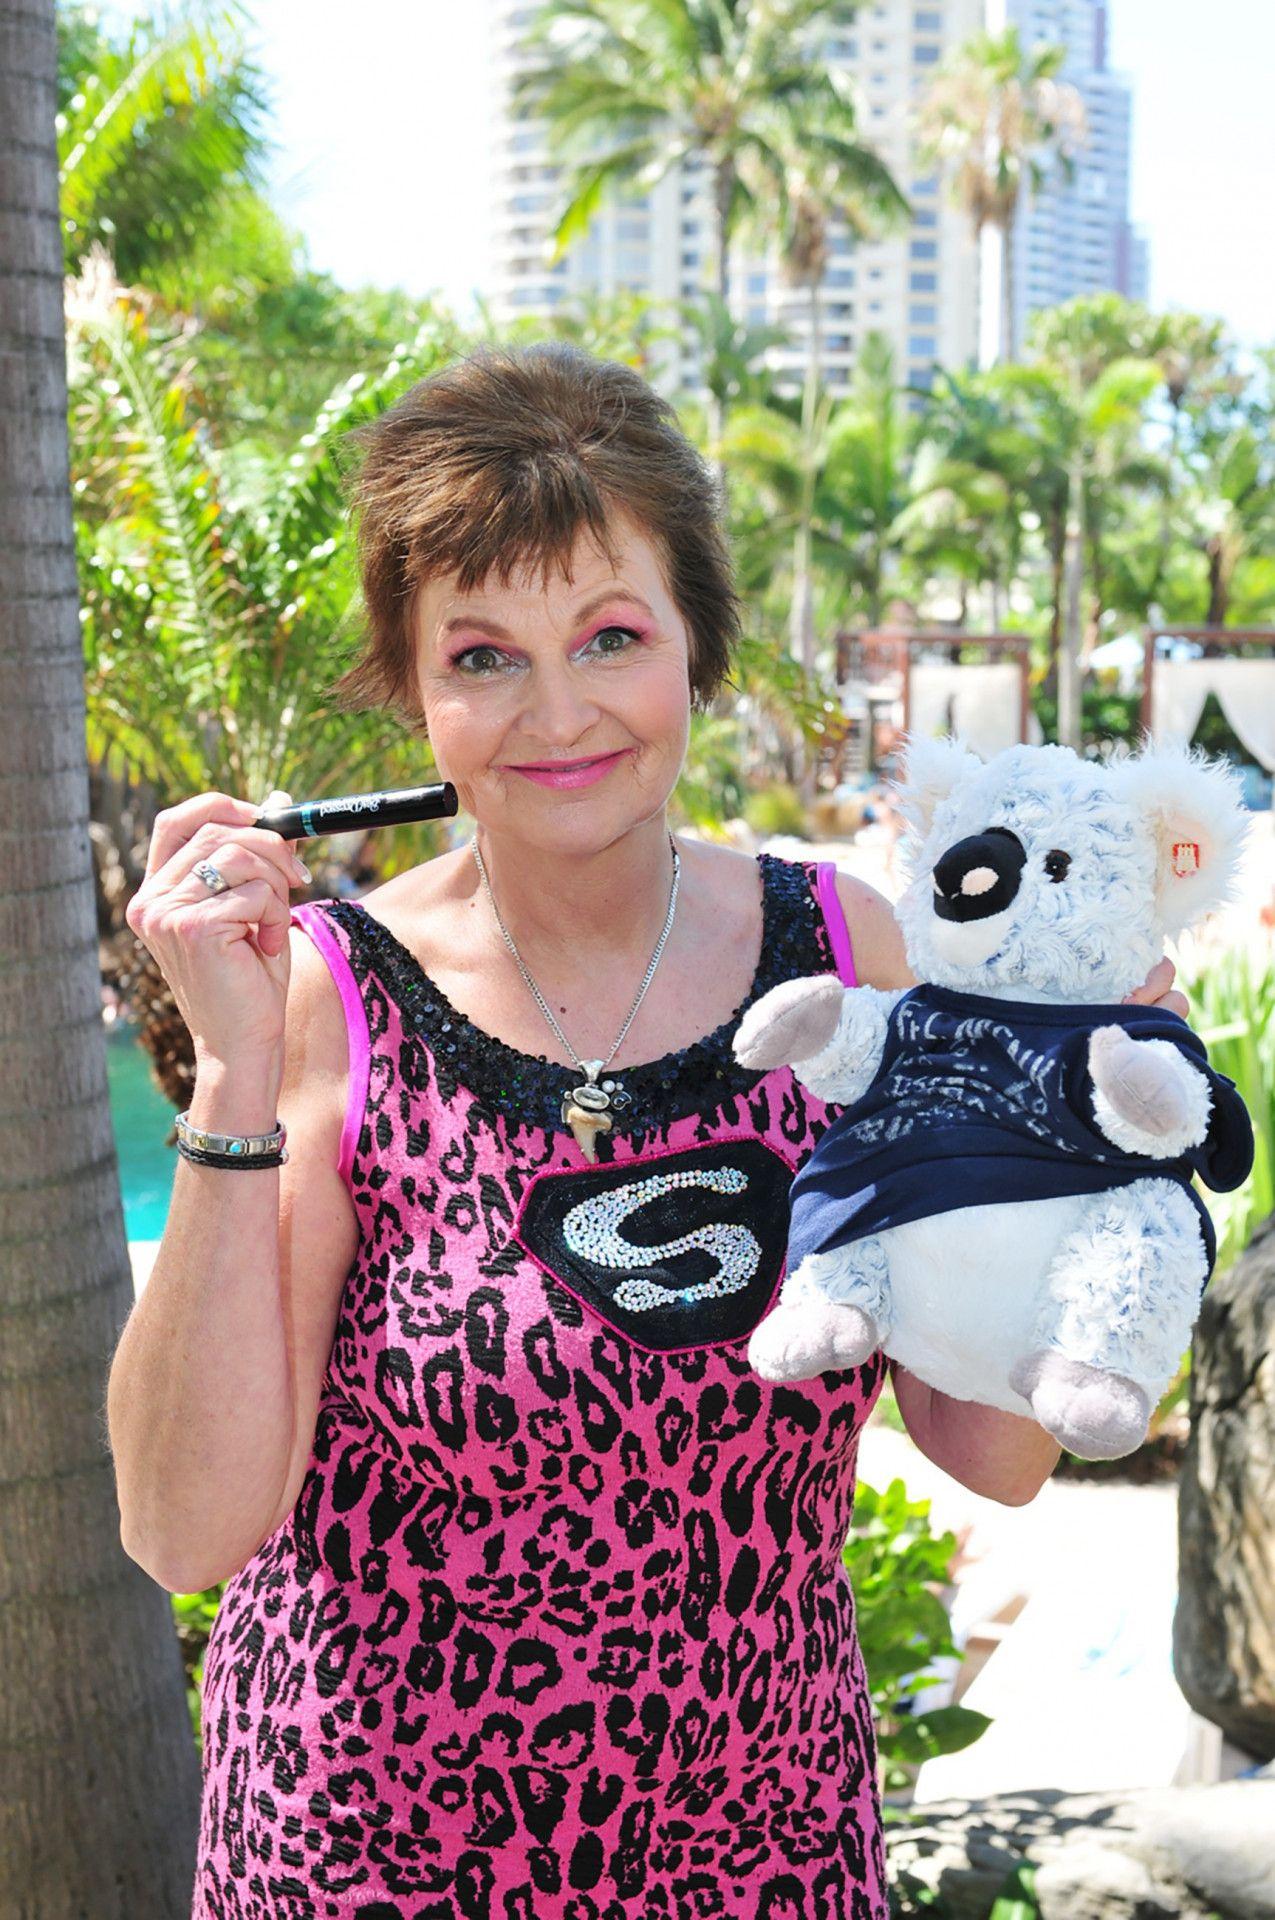 Fräulein Menke reist mit einem Koala-Bär-Plüschtier und mit Wimperntusche an.